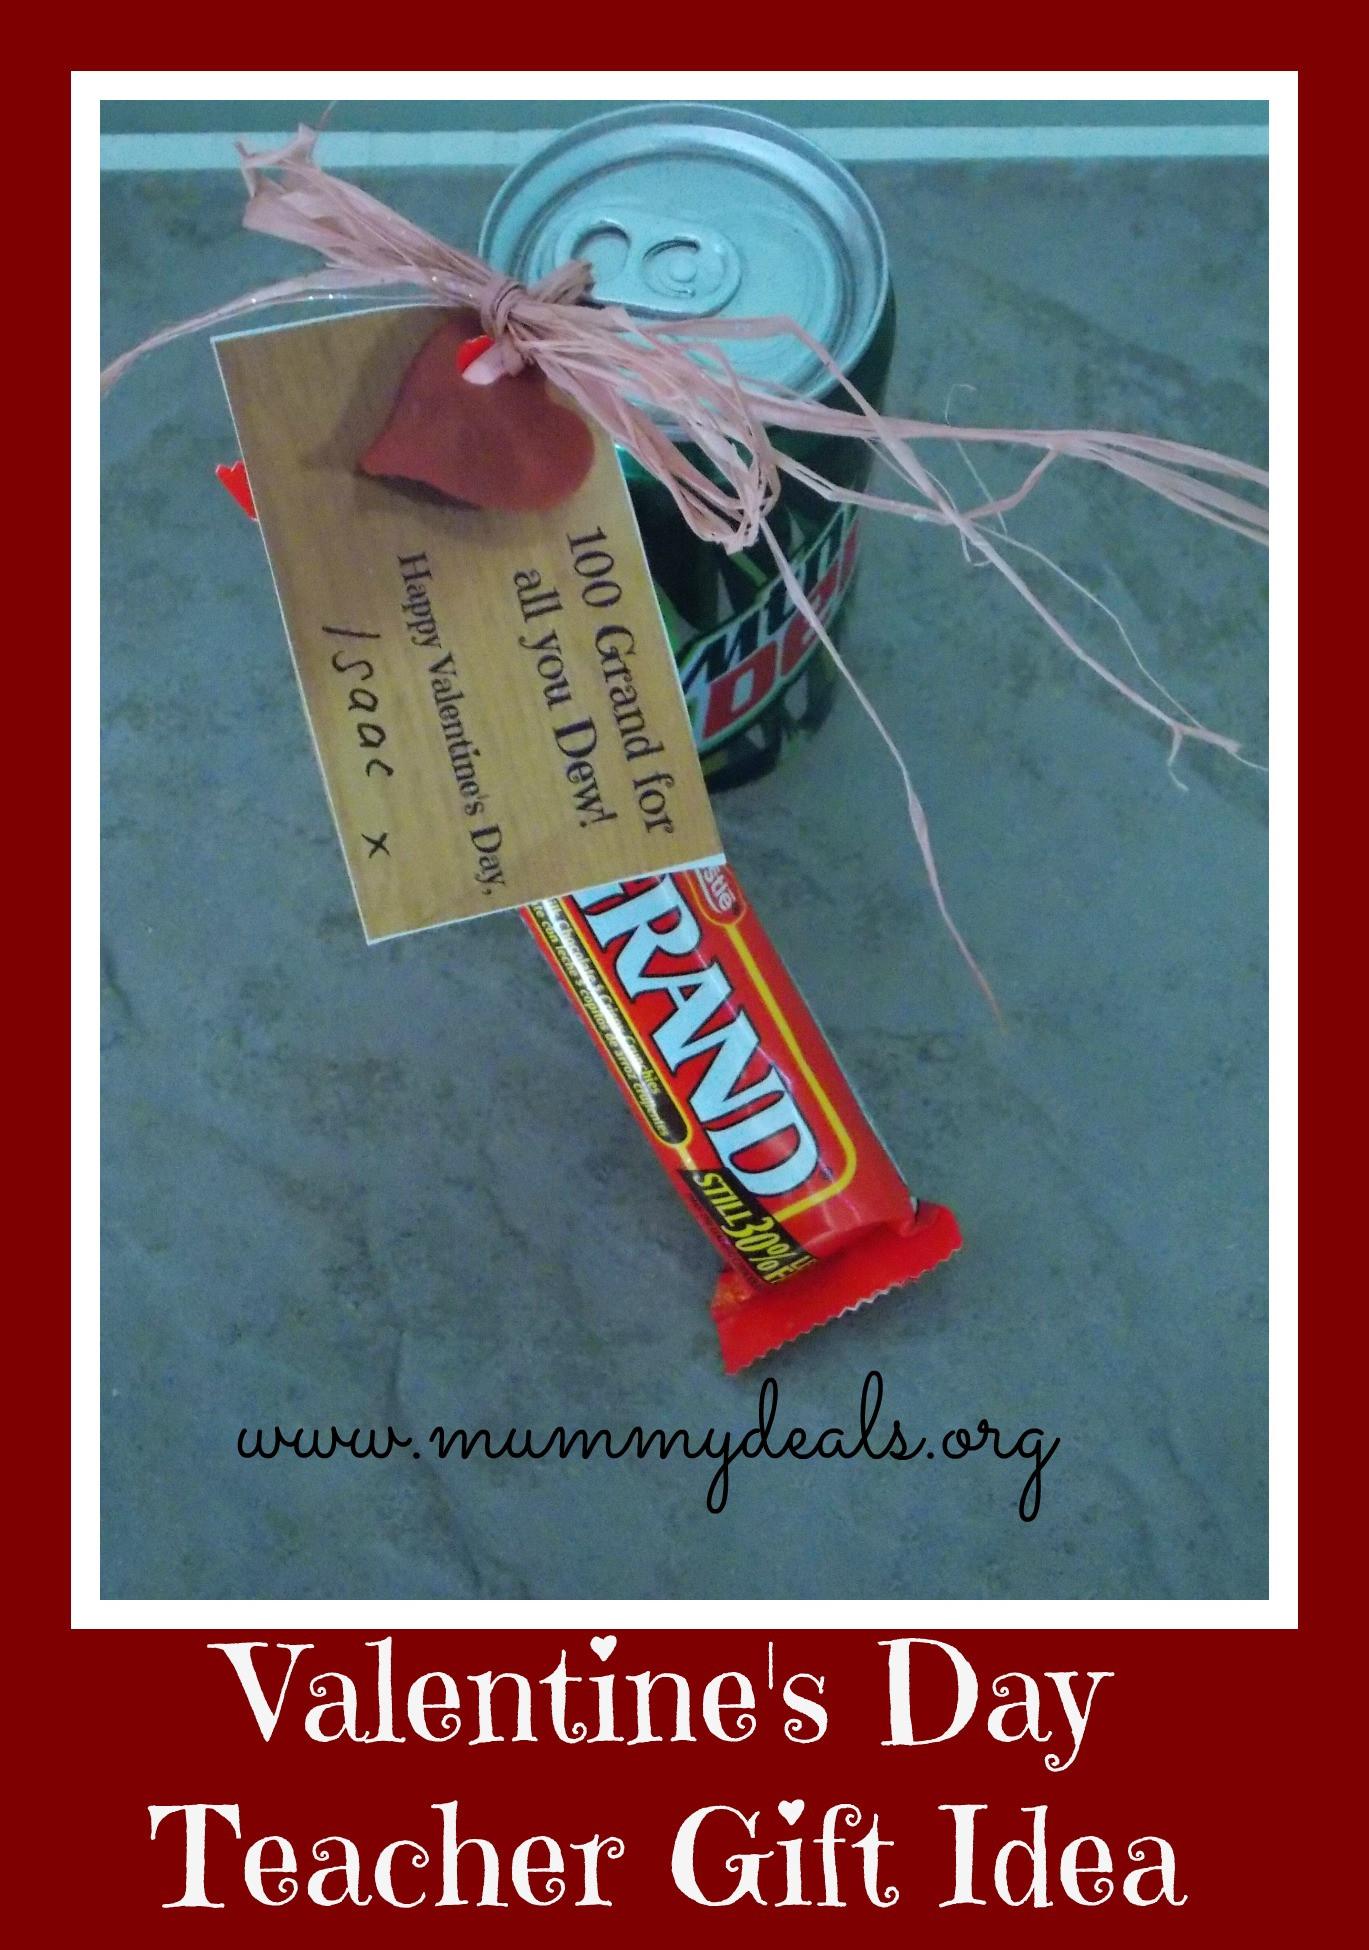 Valentines Gift Ideas For Teachers  6 Valentine s Day Teacher Gift Ideas Mummy Deals